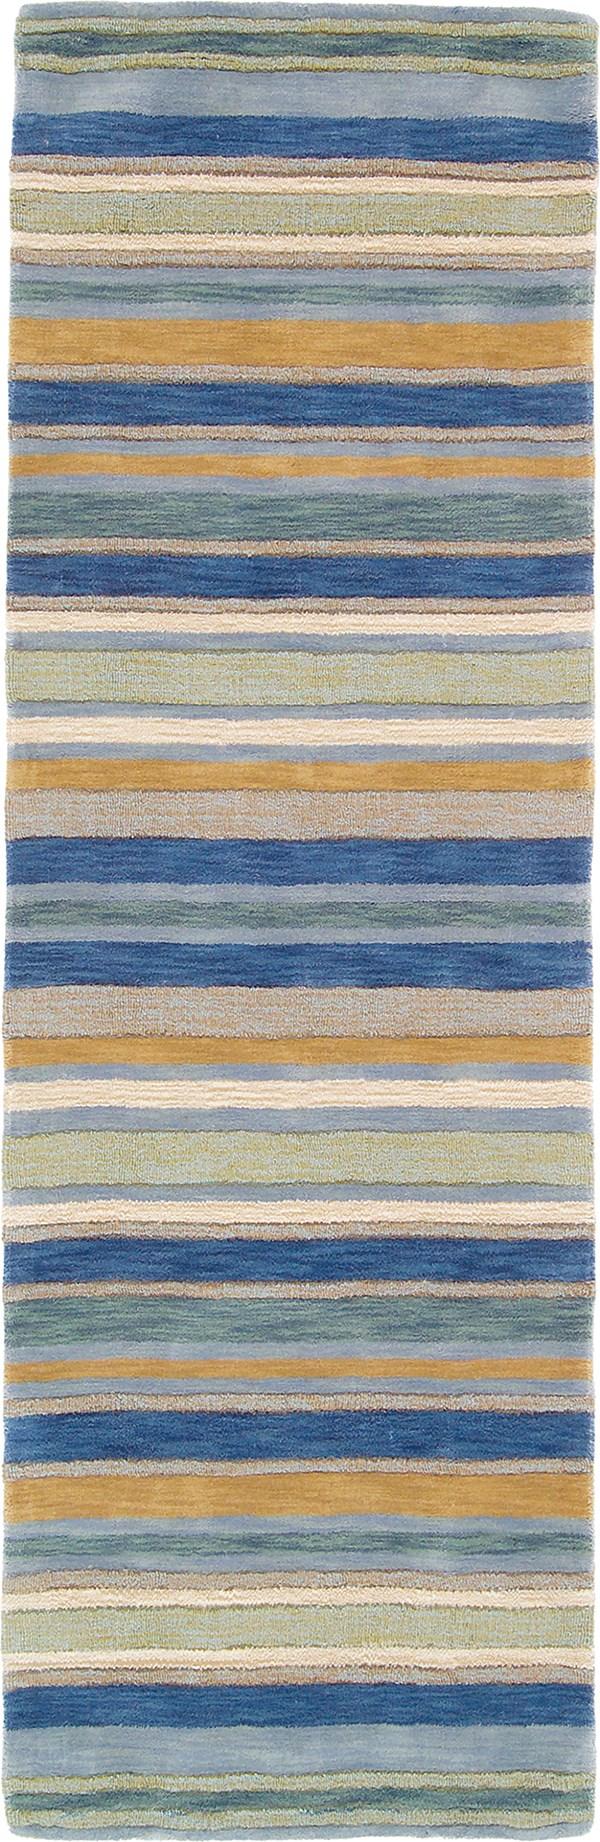 Seagrass (19045) Striped Area Rug